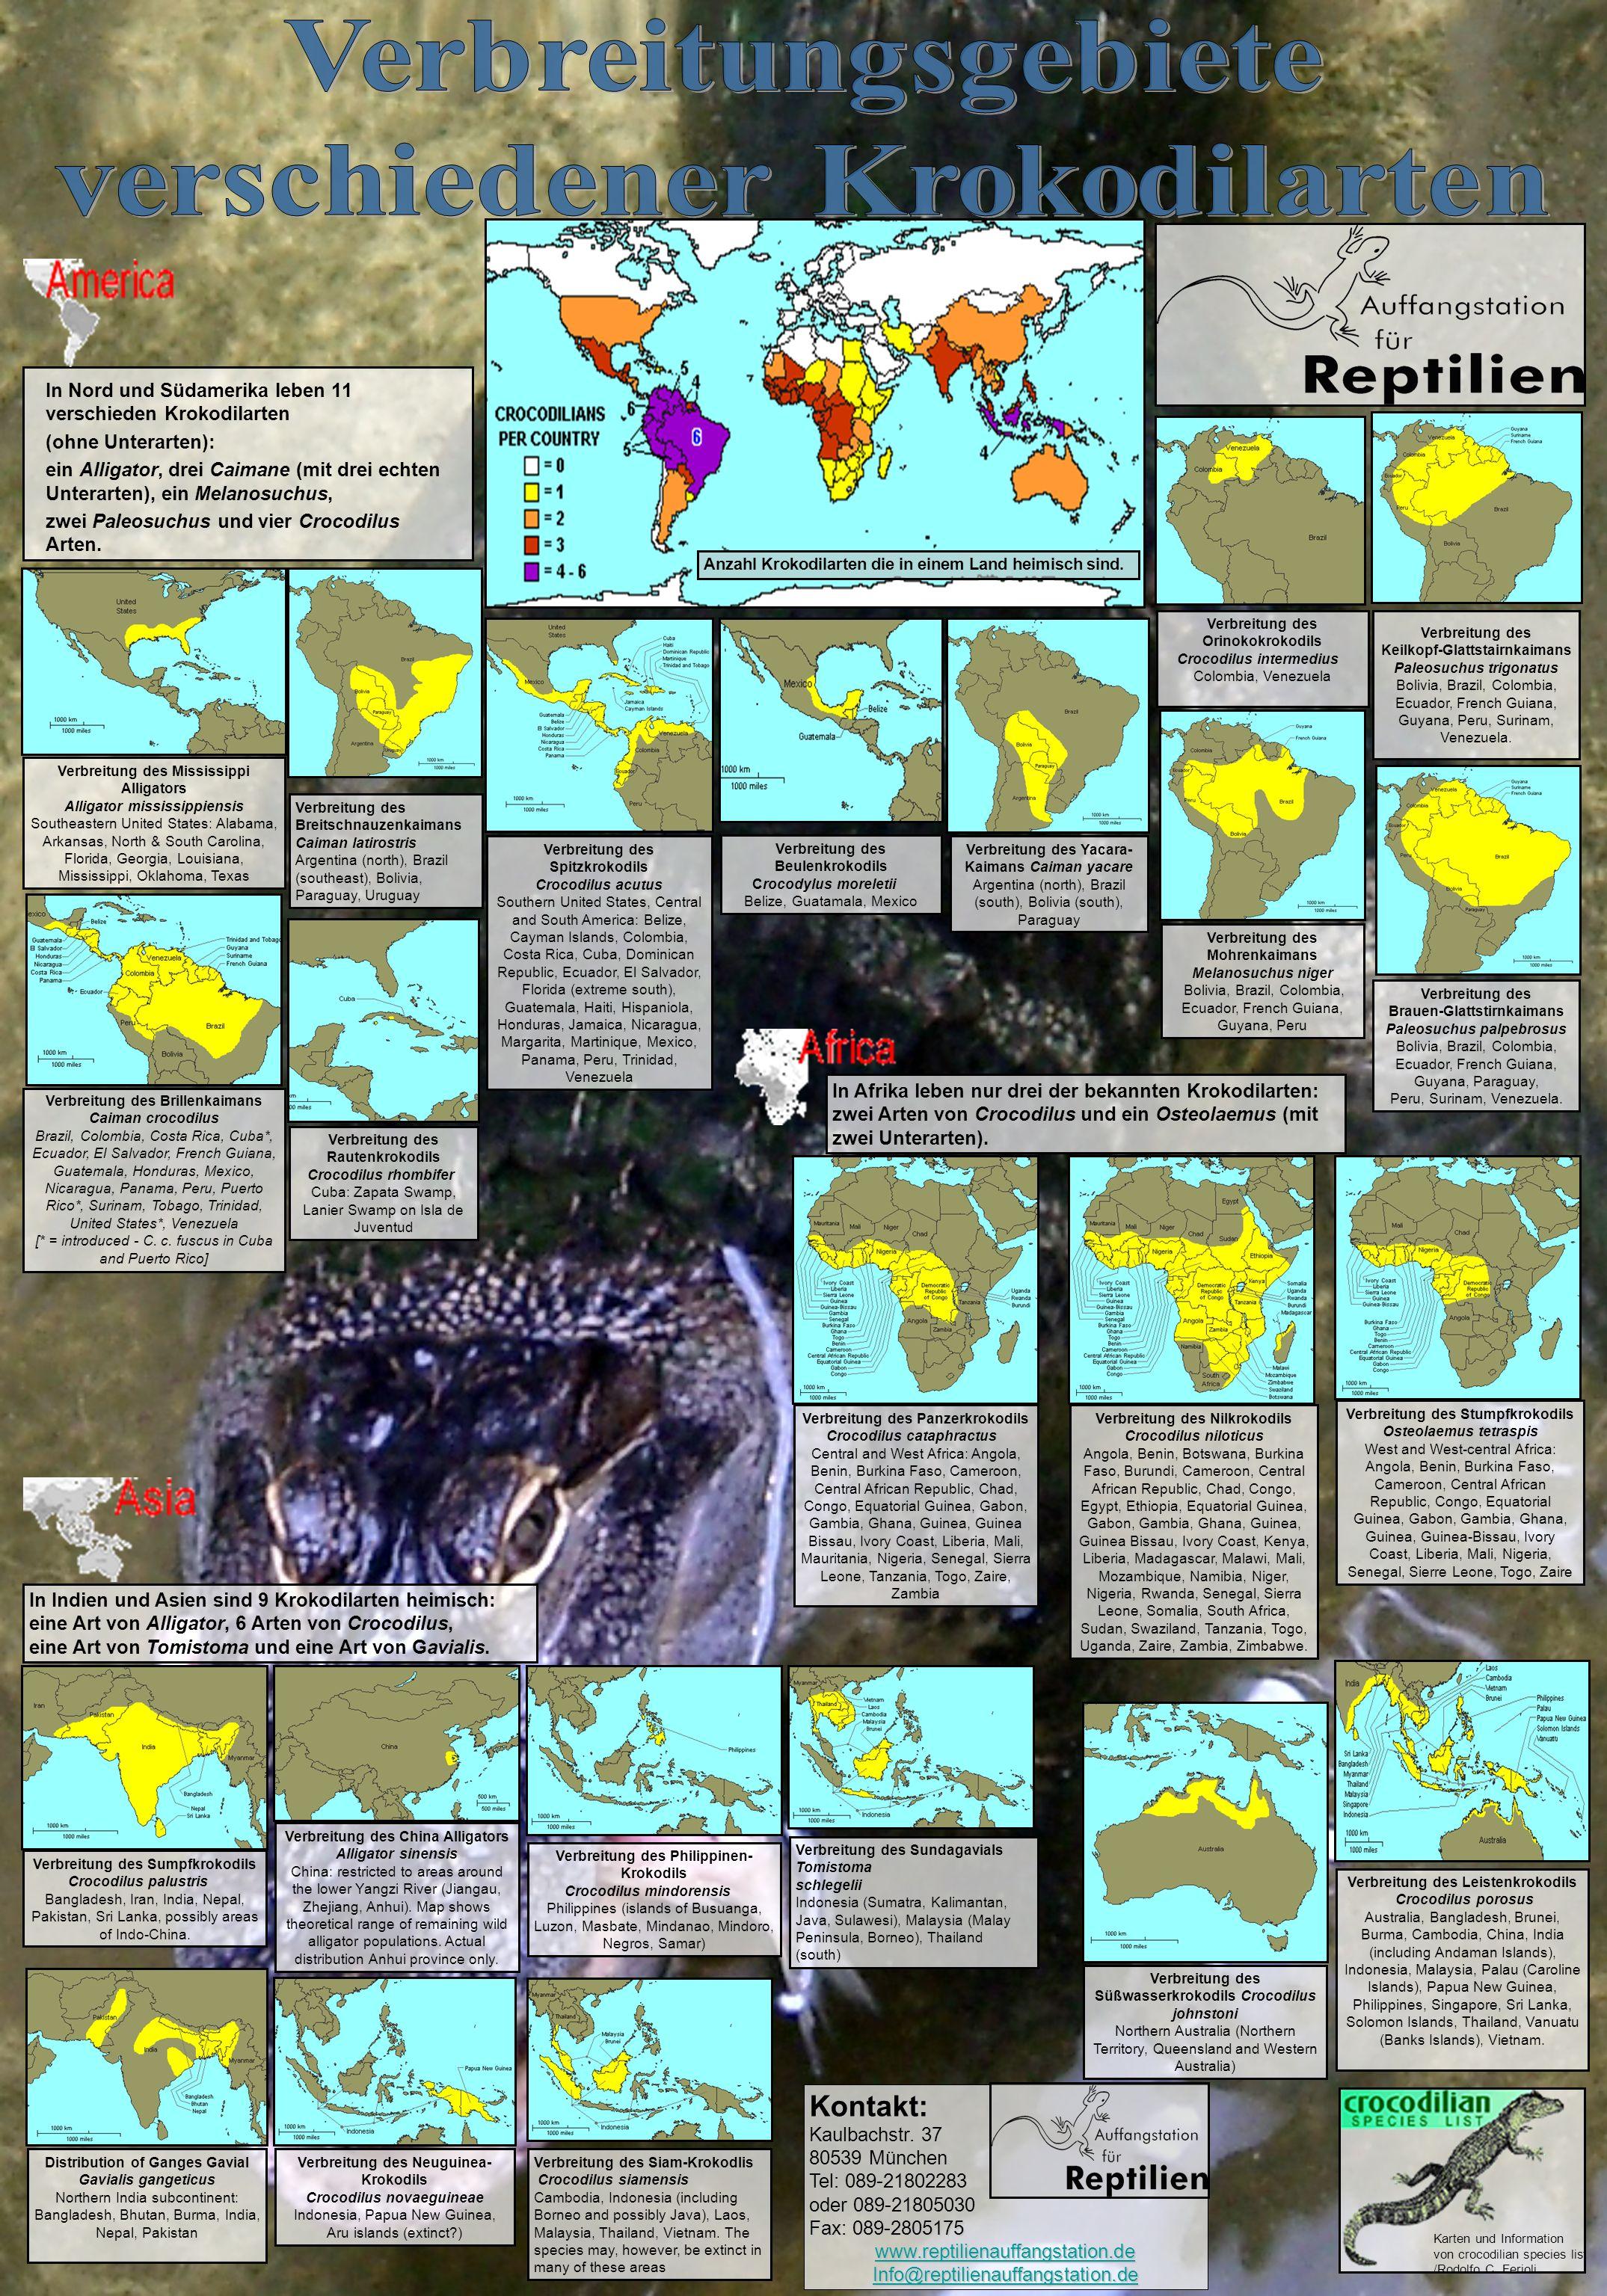 In Nord und Südamerika leben 11 verschieden Krokodilarten (ohne Unterarten): ein Alligator, drei Caimane (mit drei echten Unterarten), ein Melanosuchu